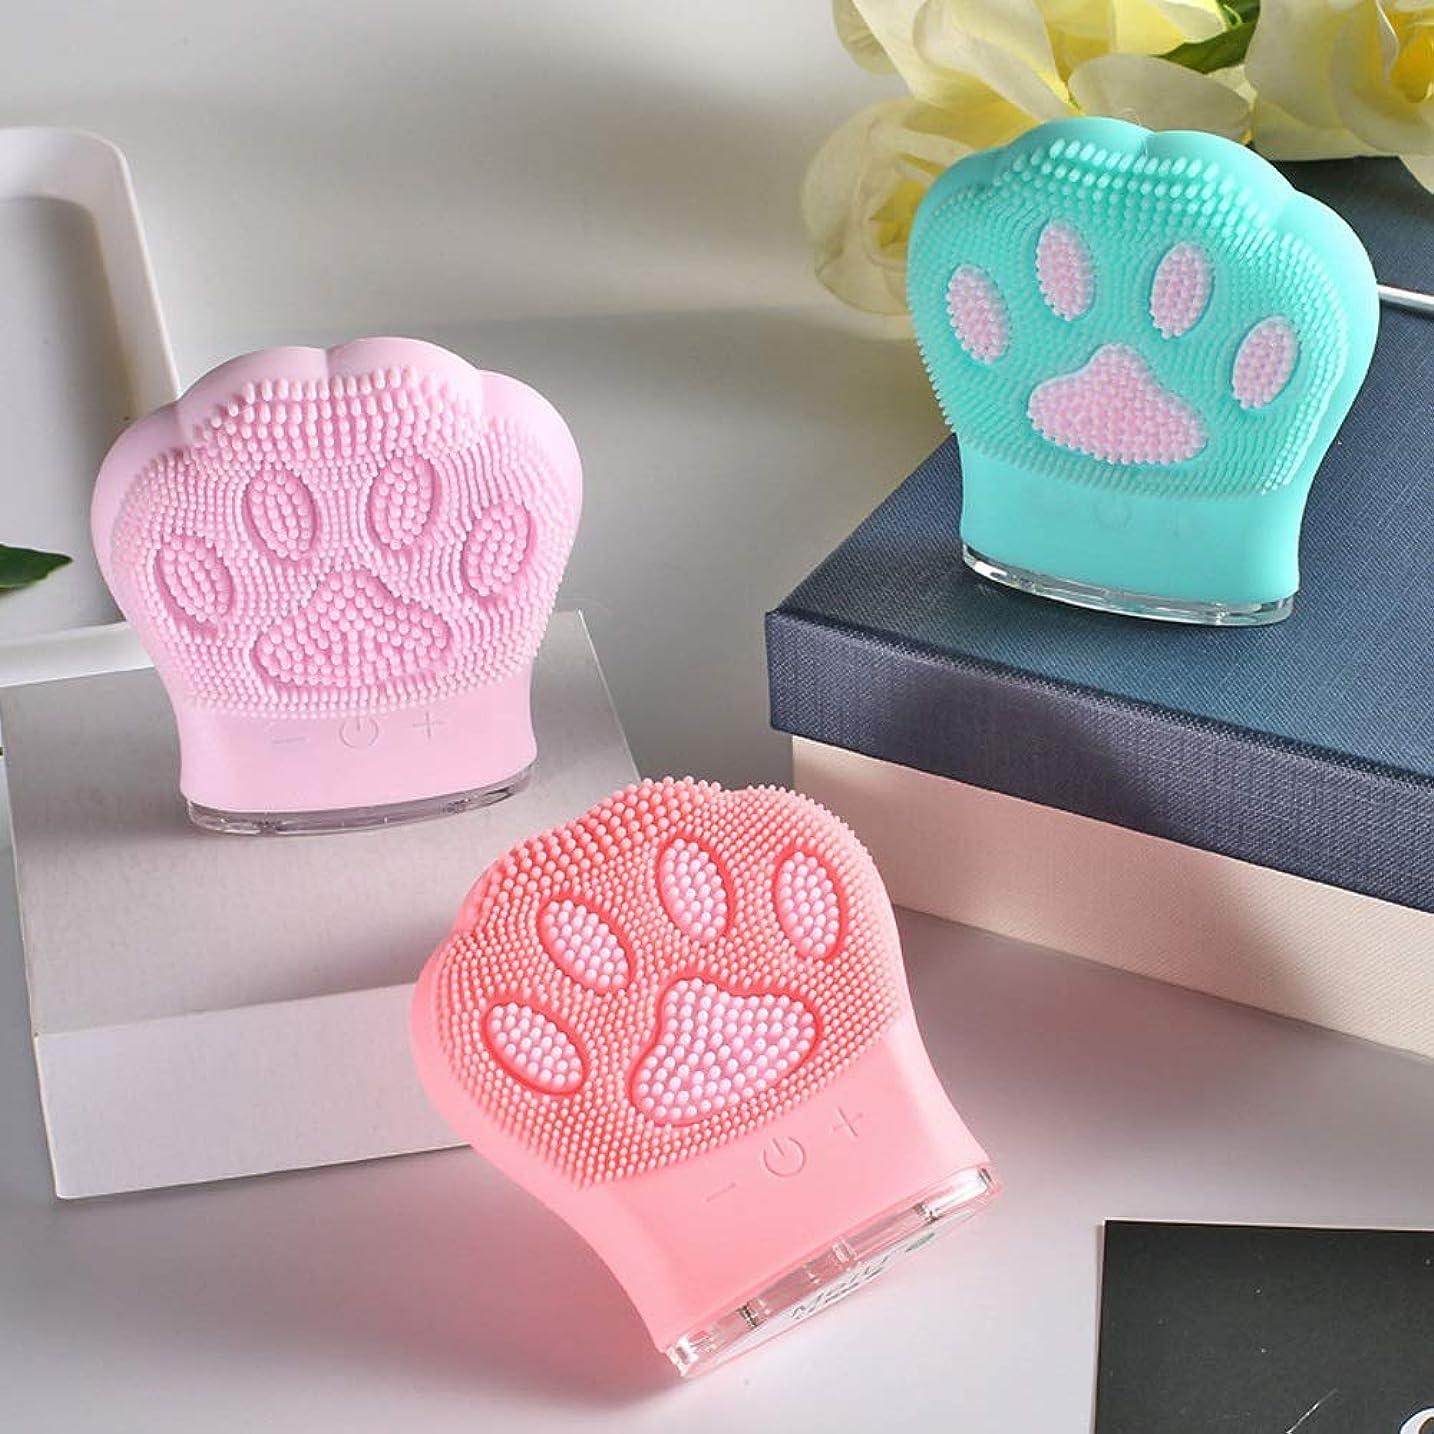 背の高いアダルトクリップZXF 新しい猫の爪形状シリコーンクレンジング楽器超音波充電洗顔器具ガールフレンド小さなギフト洗浄ブラシピンク赤青セクション 滑らかである (色 : Pink)